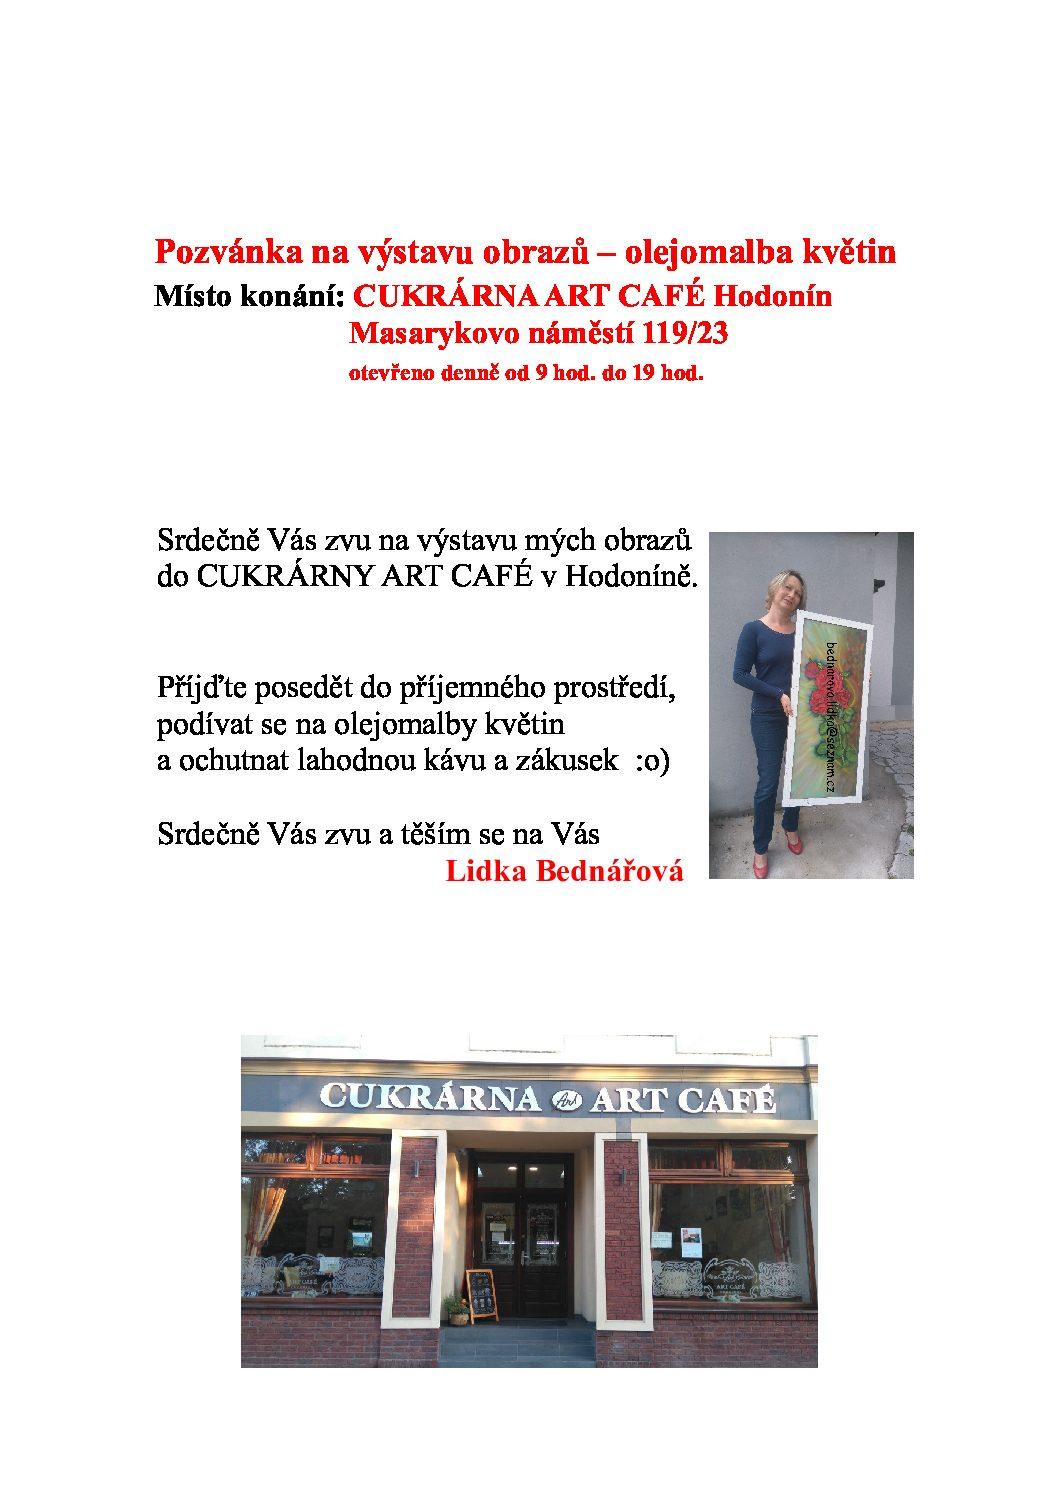 Výstava obrazů – olejomalby květin Lidka Bednářová